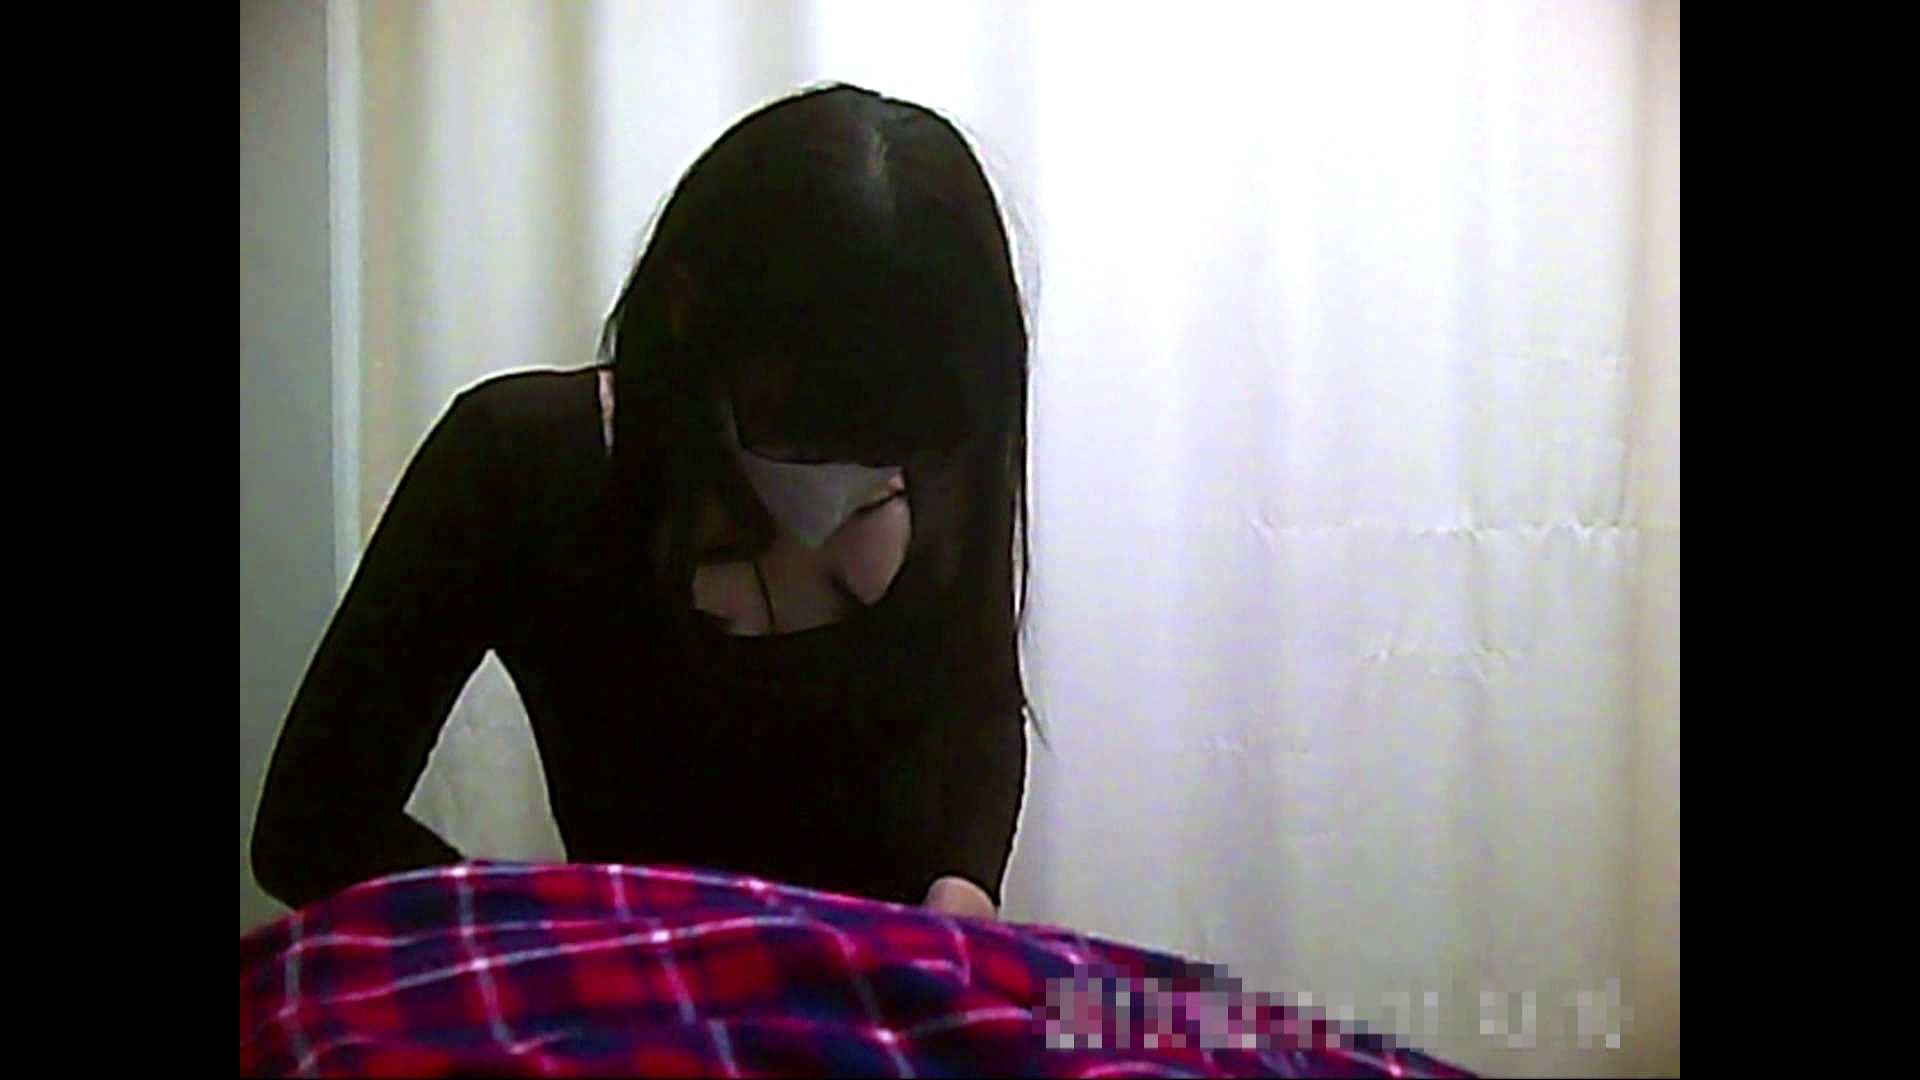 元医者による反抗 更衣室地獄絵巻 vol.141 OLハメ撮り  78Pix 24